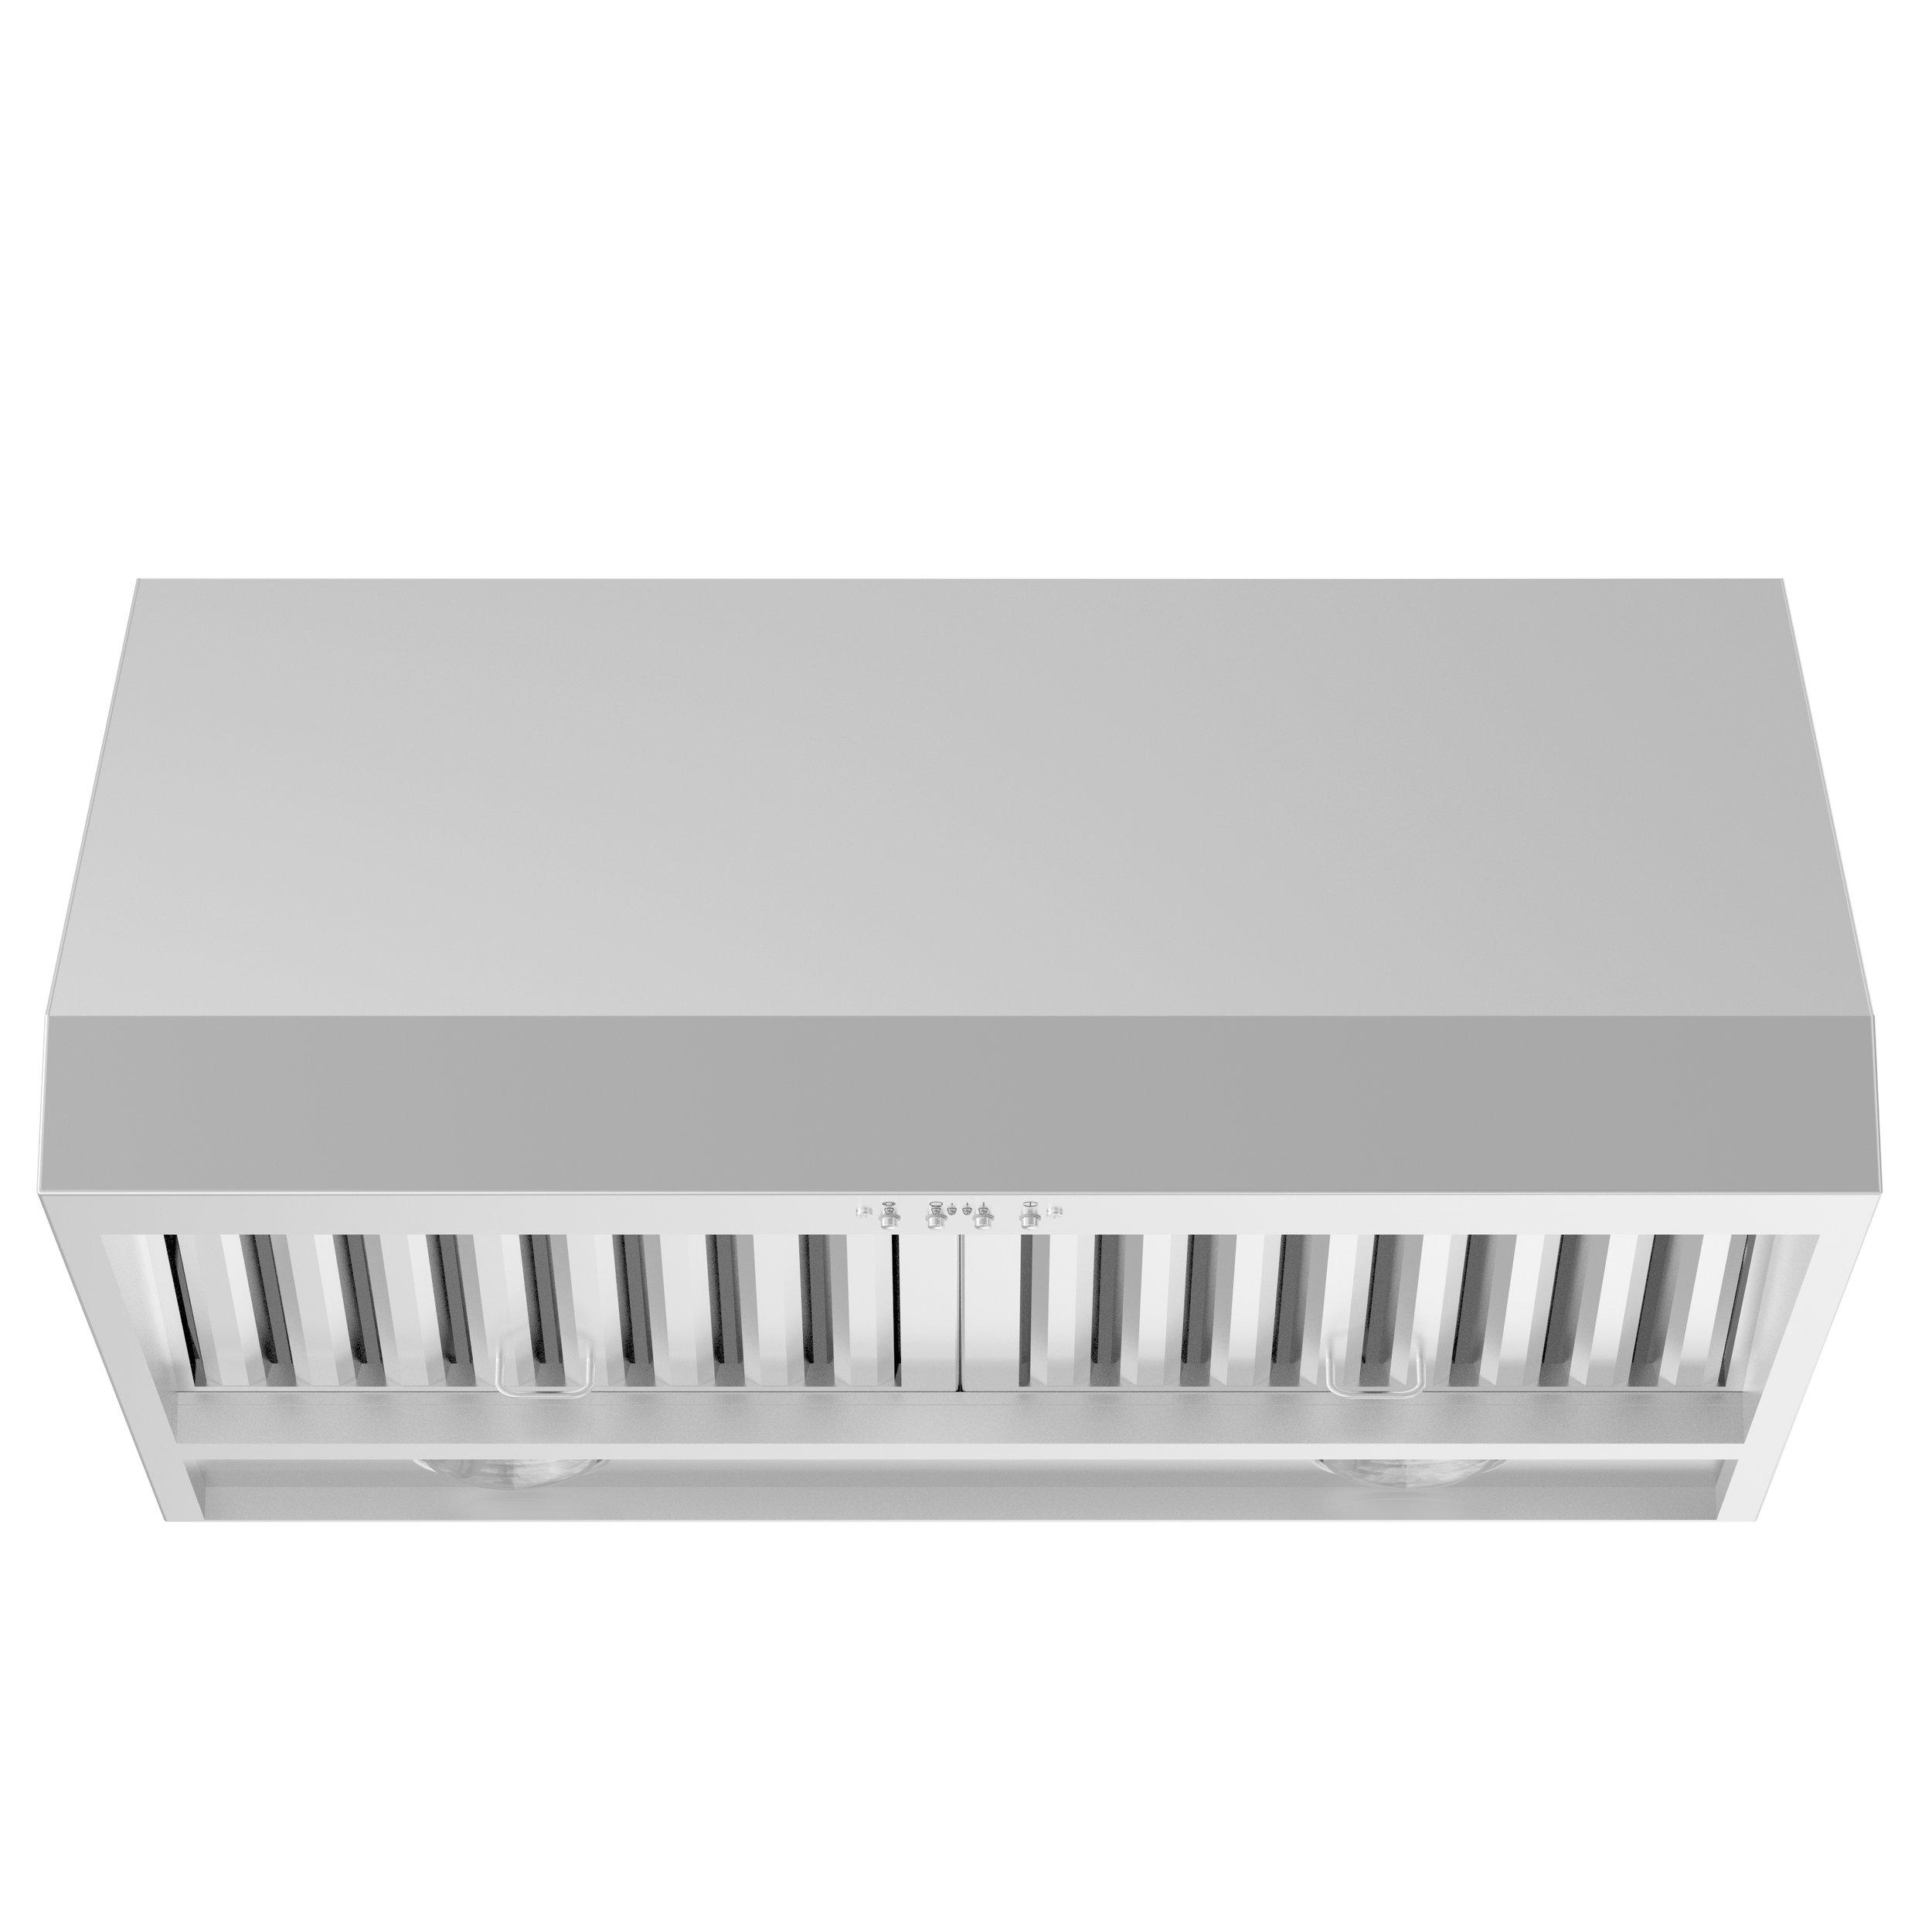 zline-stainless-steel-under-cabinet-range-hood-523-underneath.jpeg